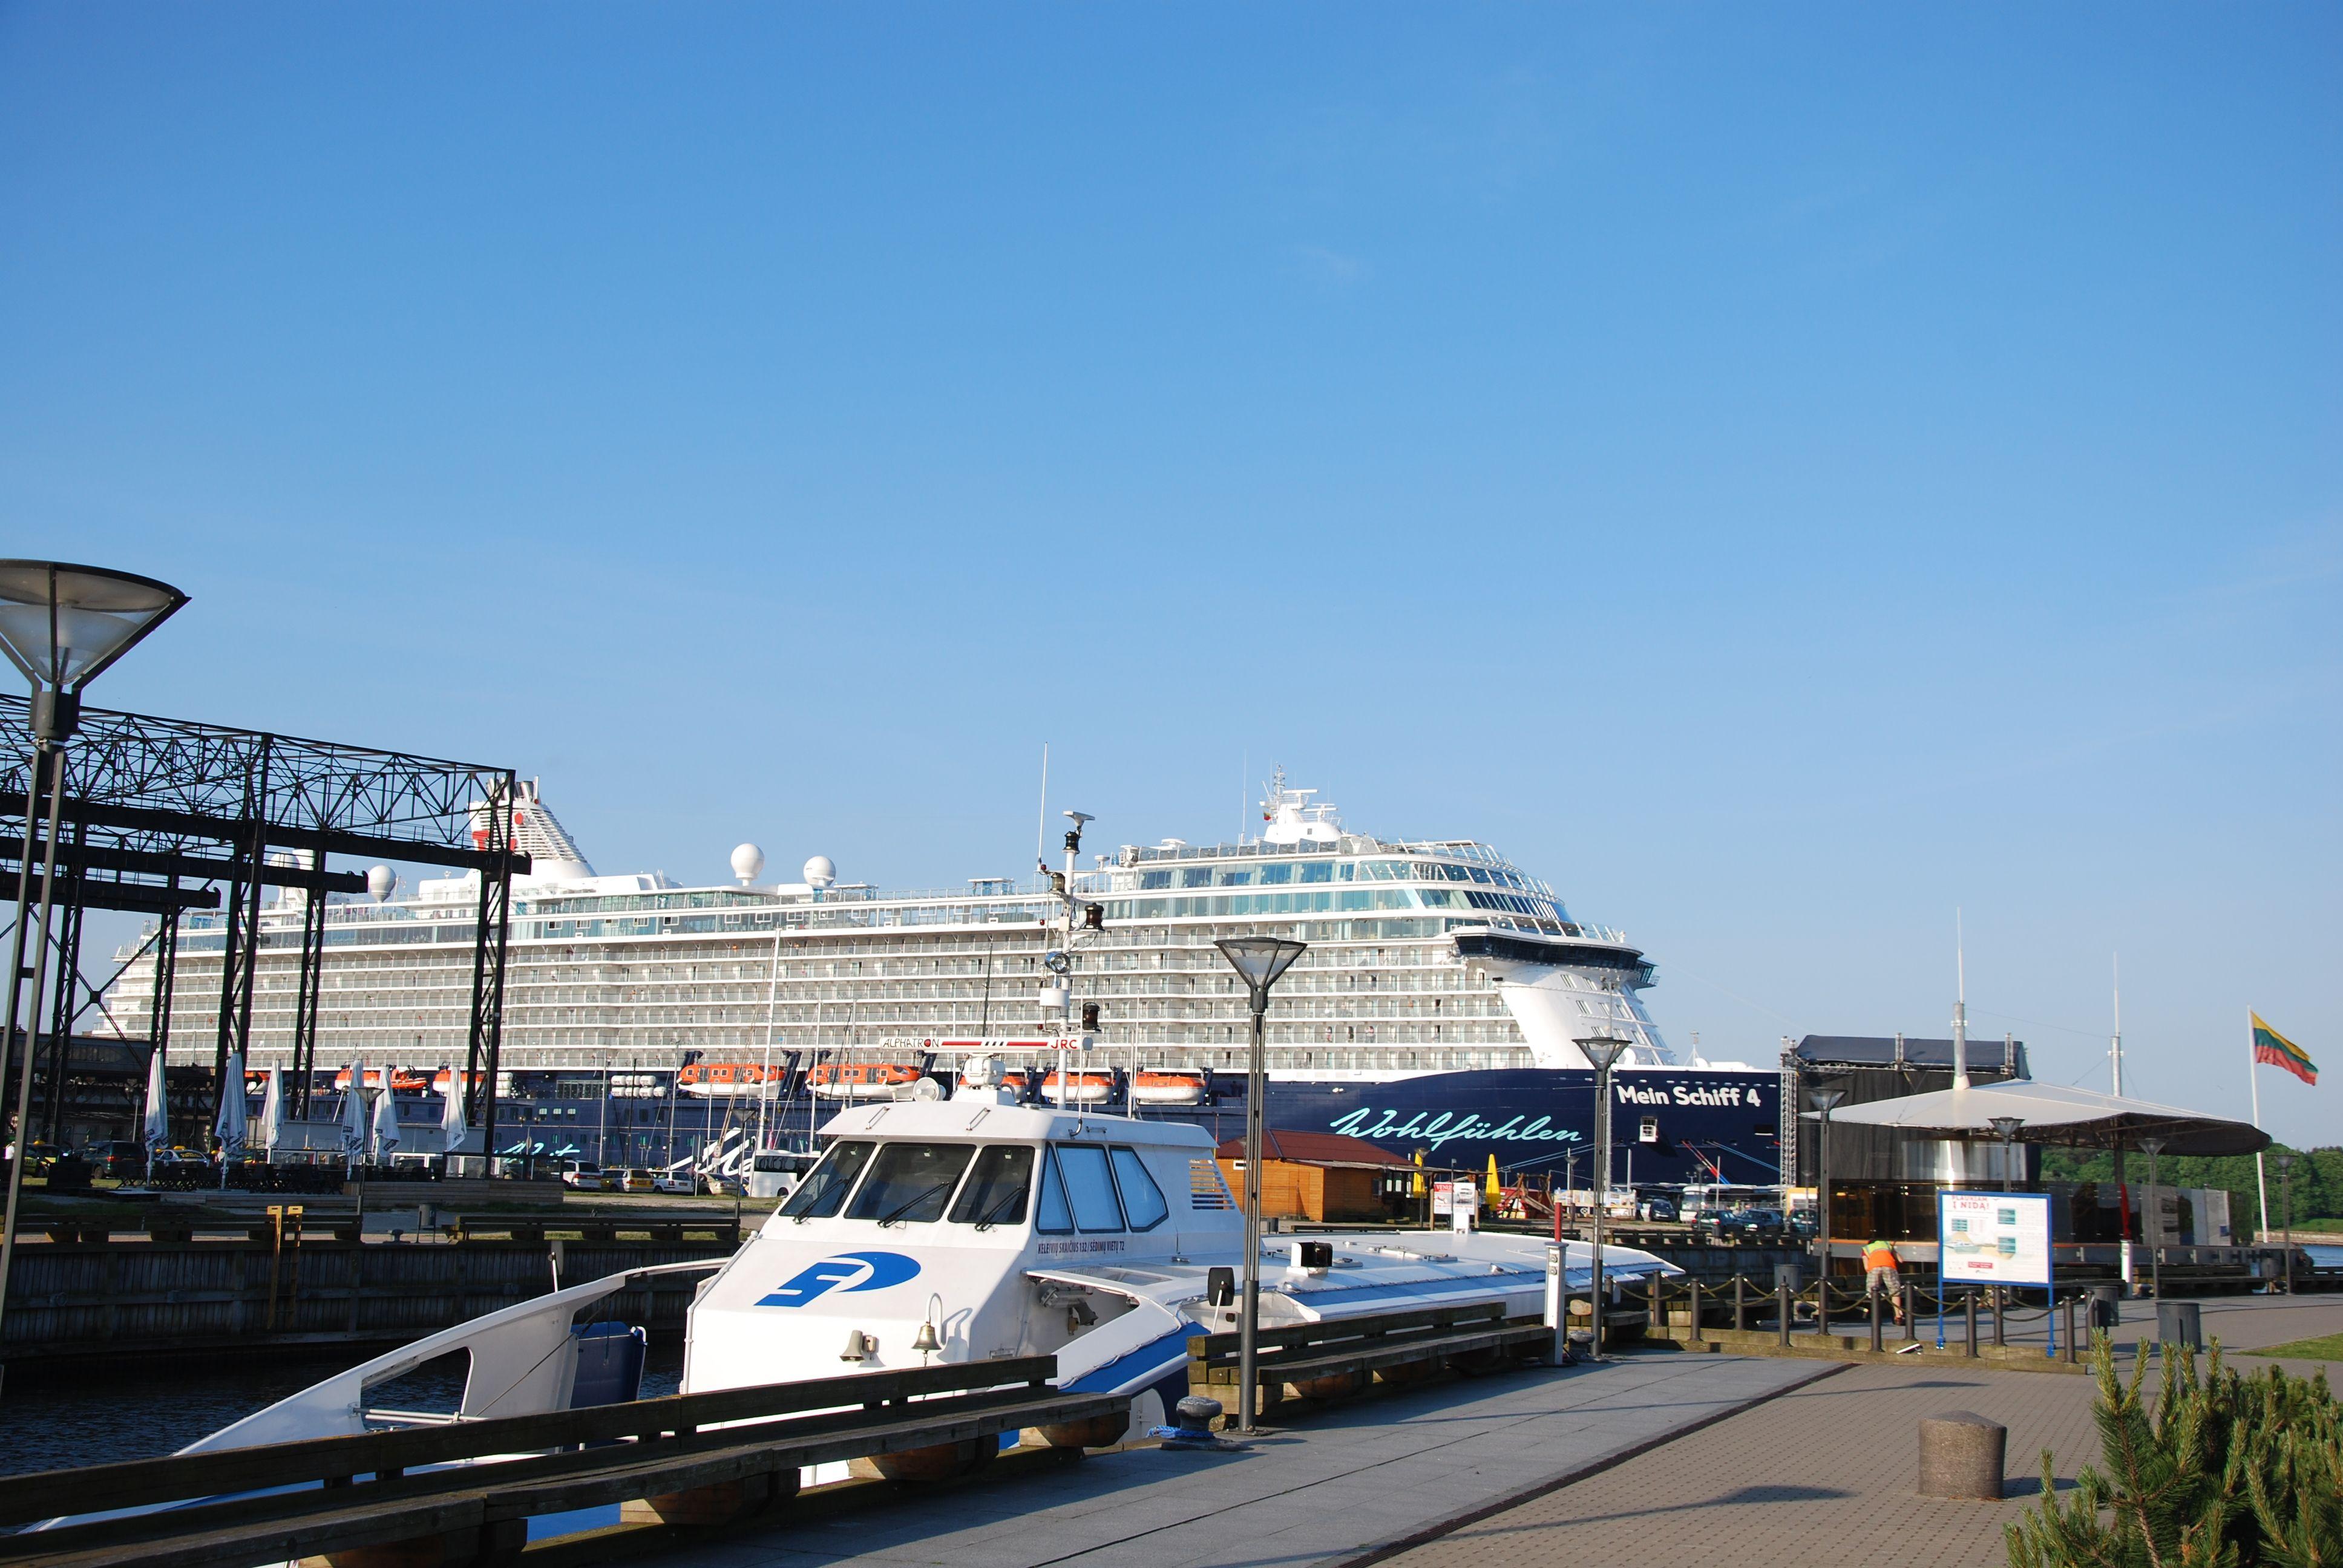 Klaip�doje vienu metu lankosi trys kruiziniai laivai